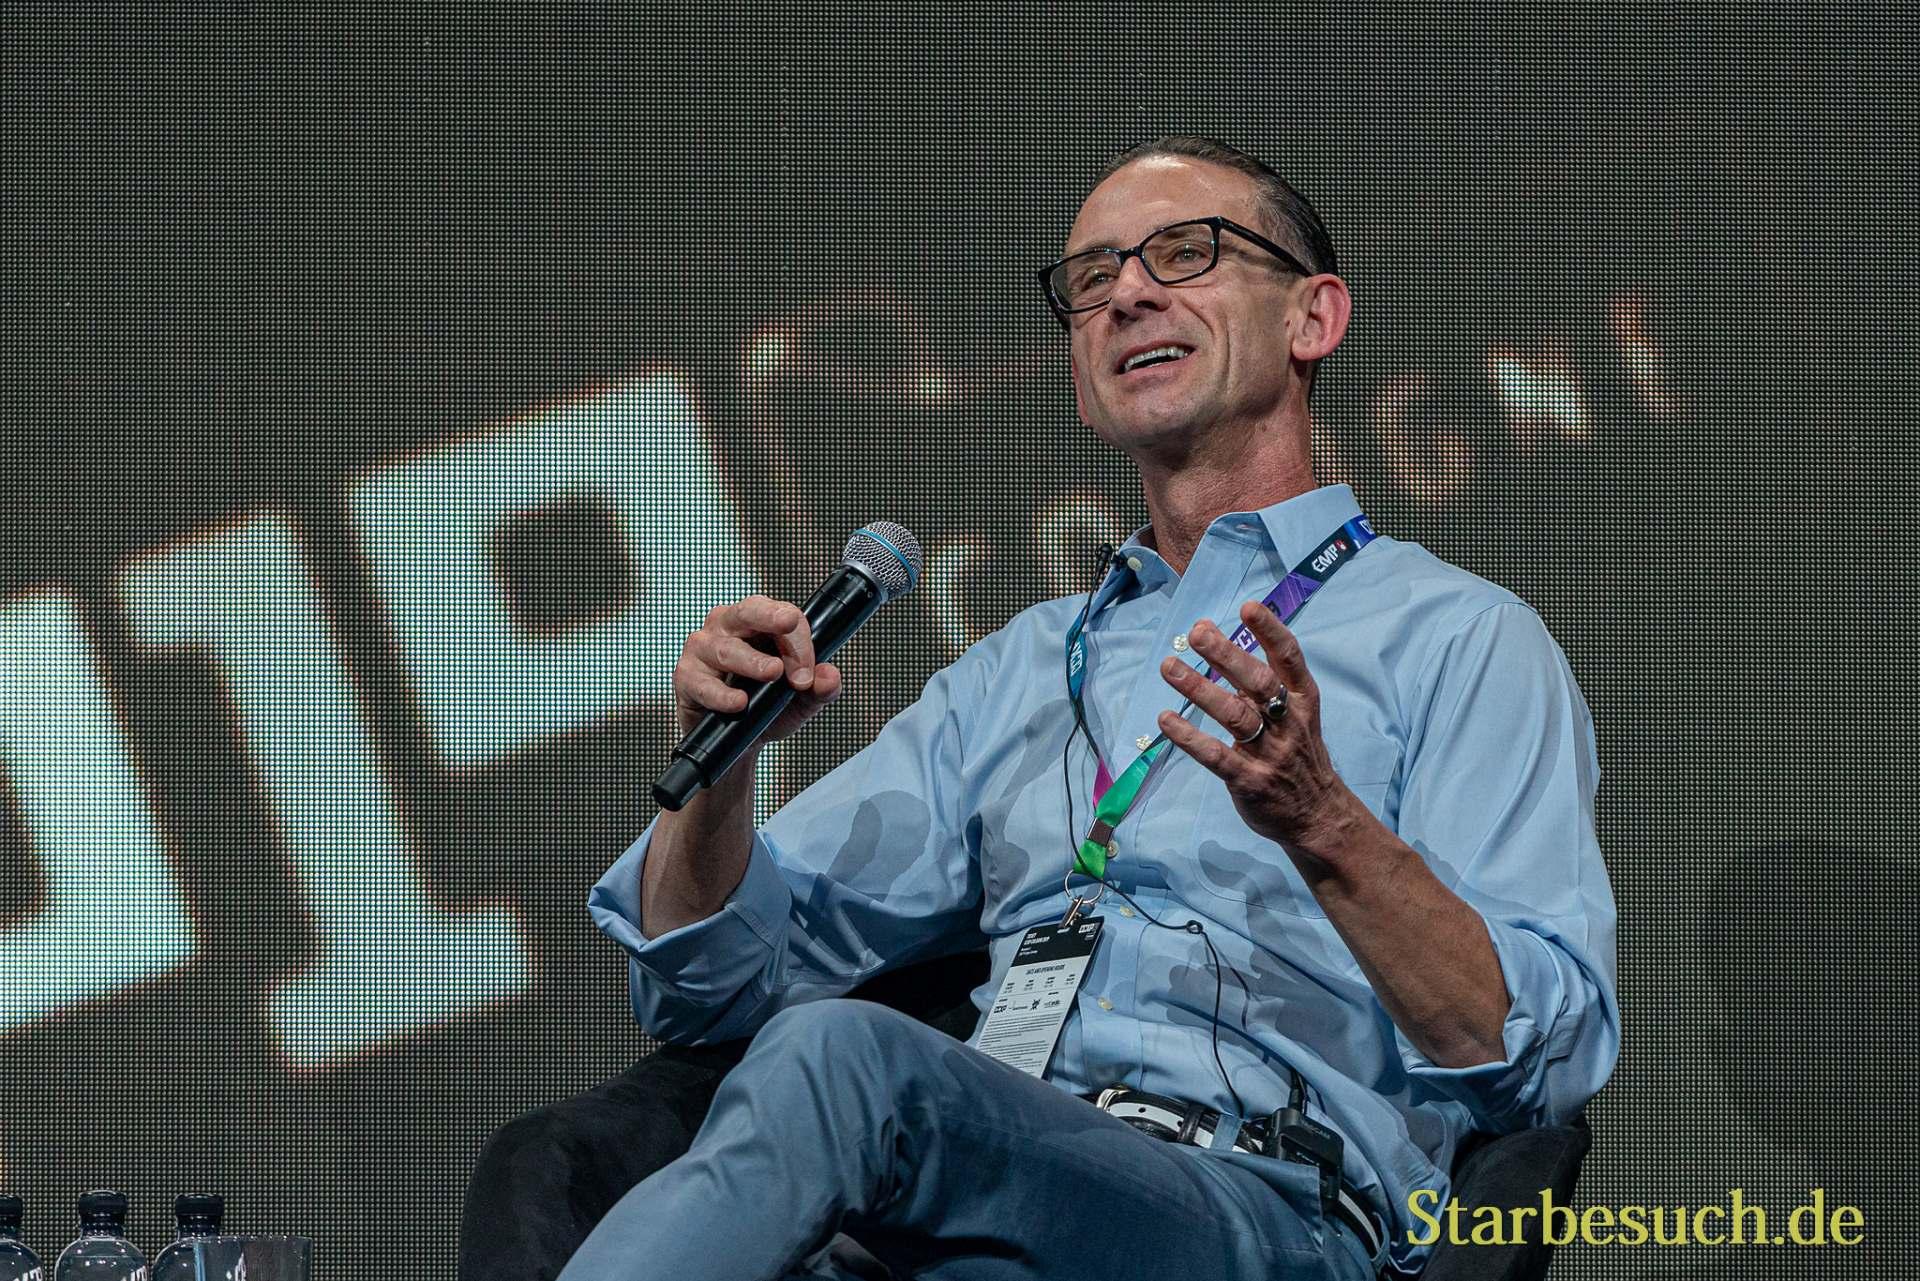 COLOGNE, GERMANY - JUN 28th 2019: Chuck Palahniuk at CCXP Cologne